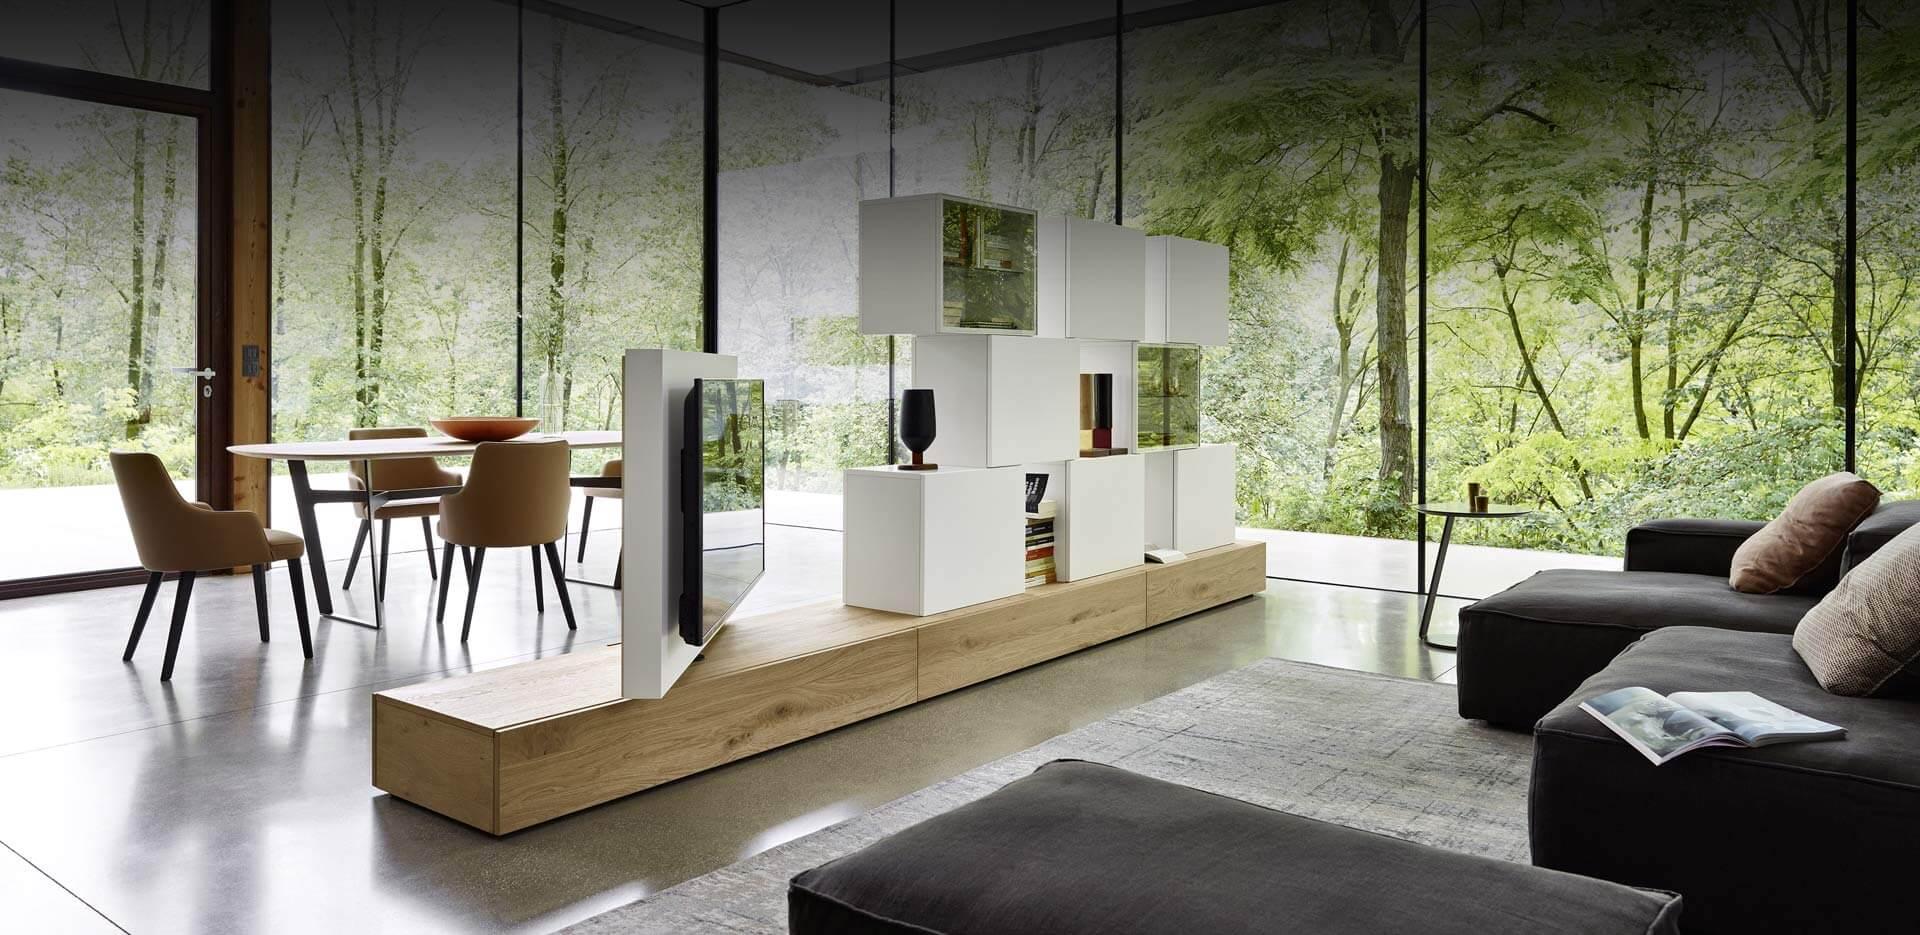 Schön Bilder Fürs Wohnzimmer Beste Wahl 10 Der Schönsten Wohnwände Fürs